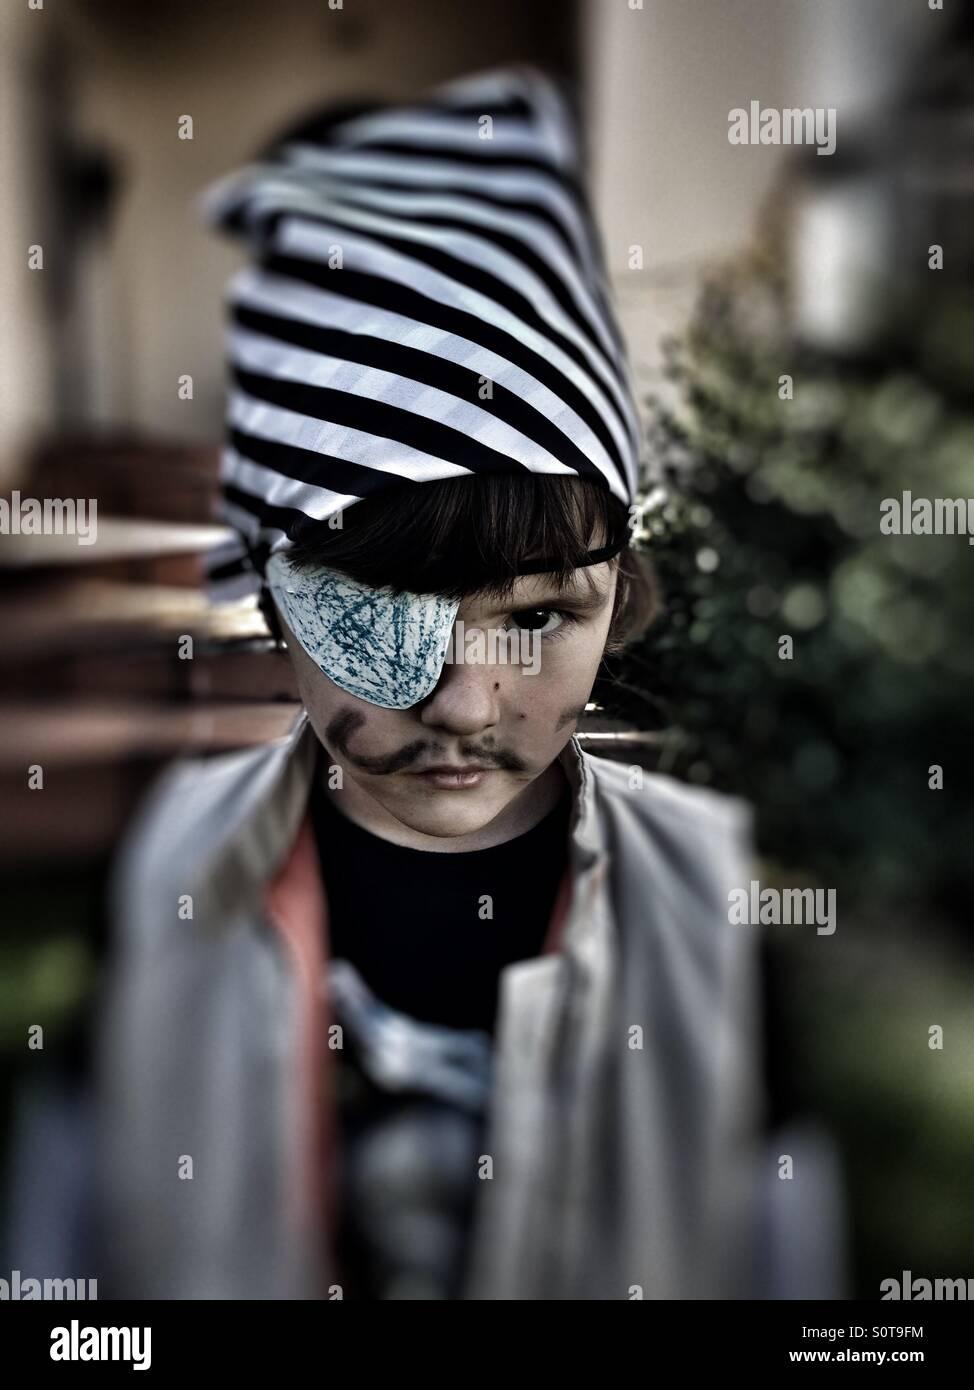 Toddler vestido como pirata Imagens de Stock